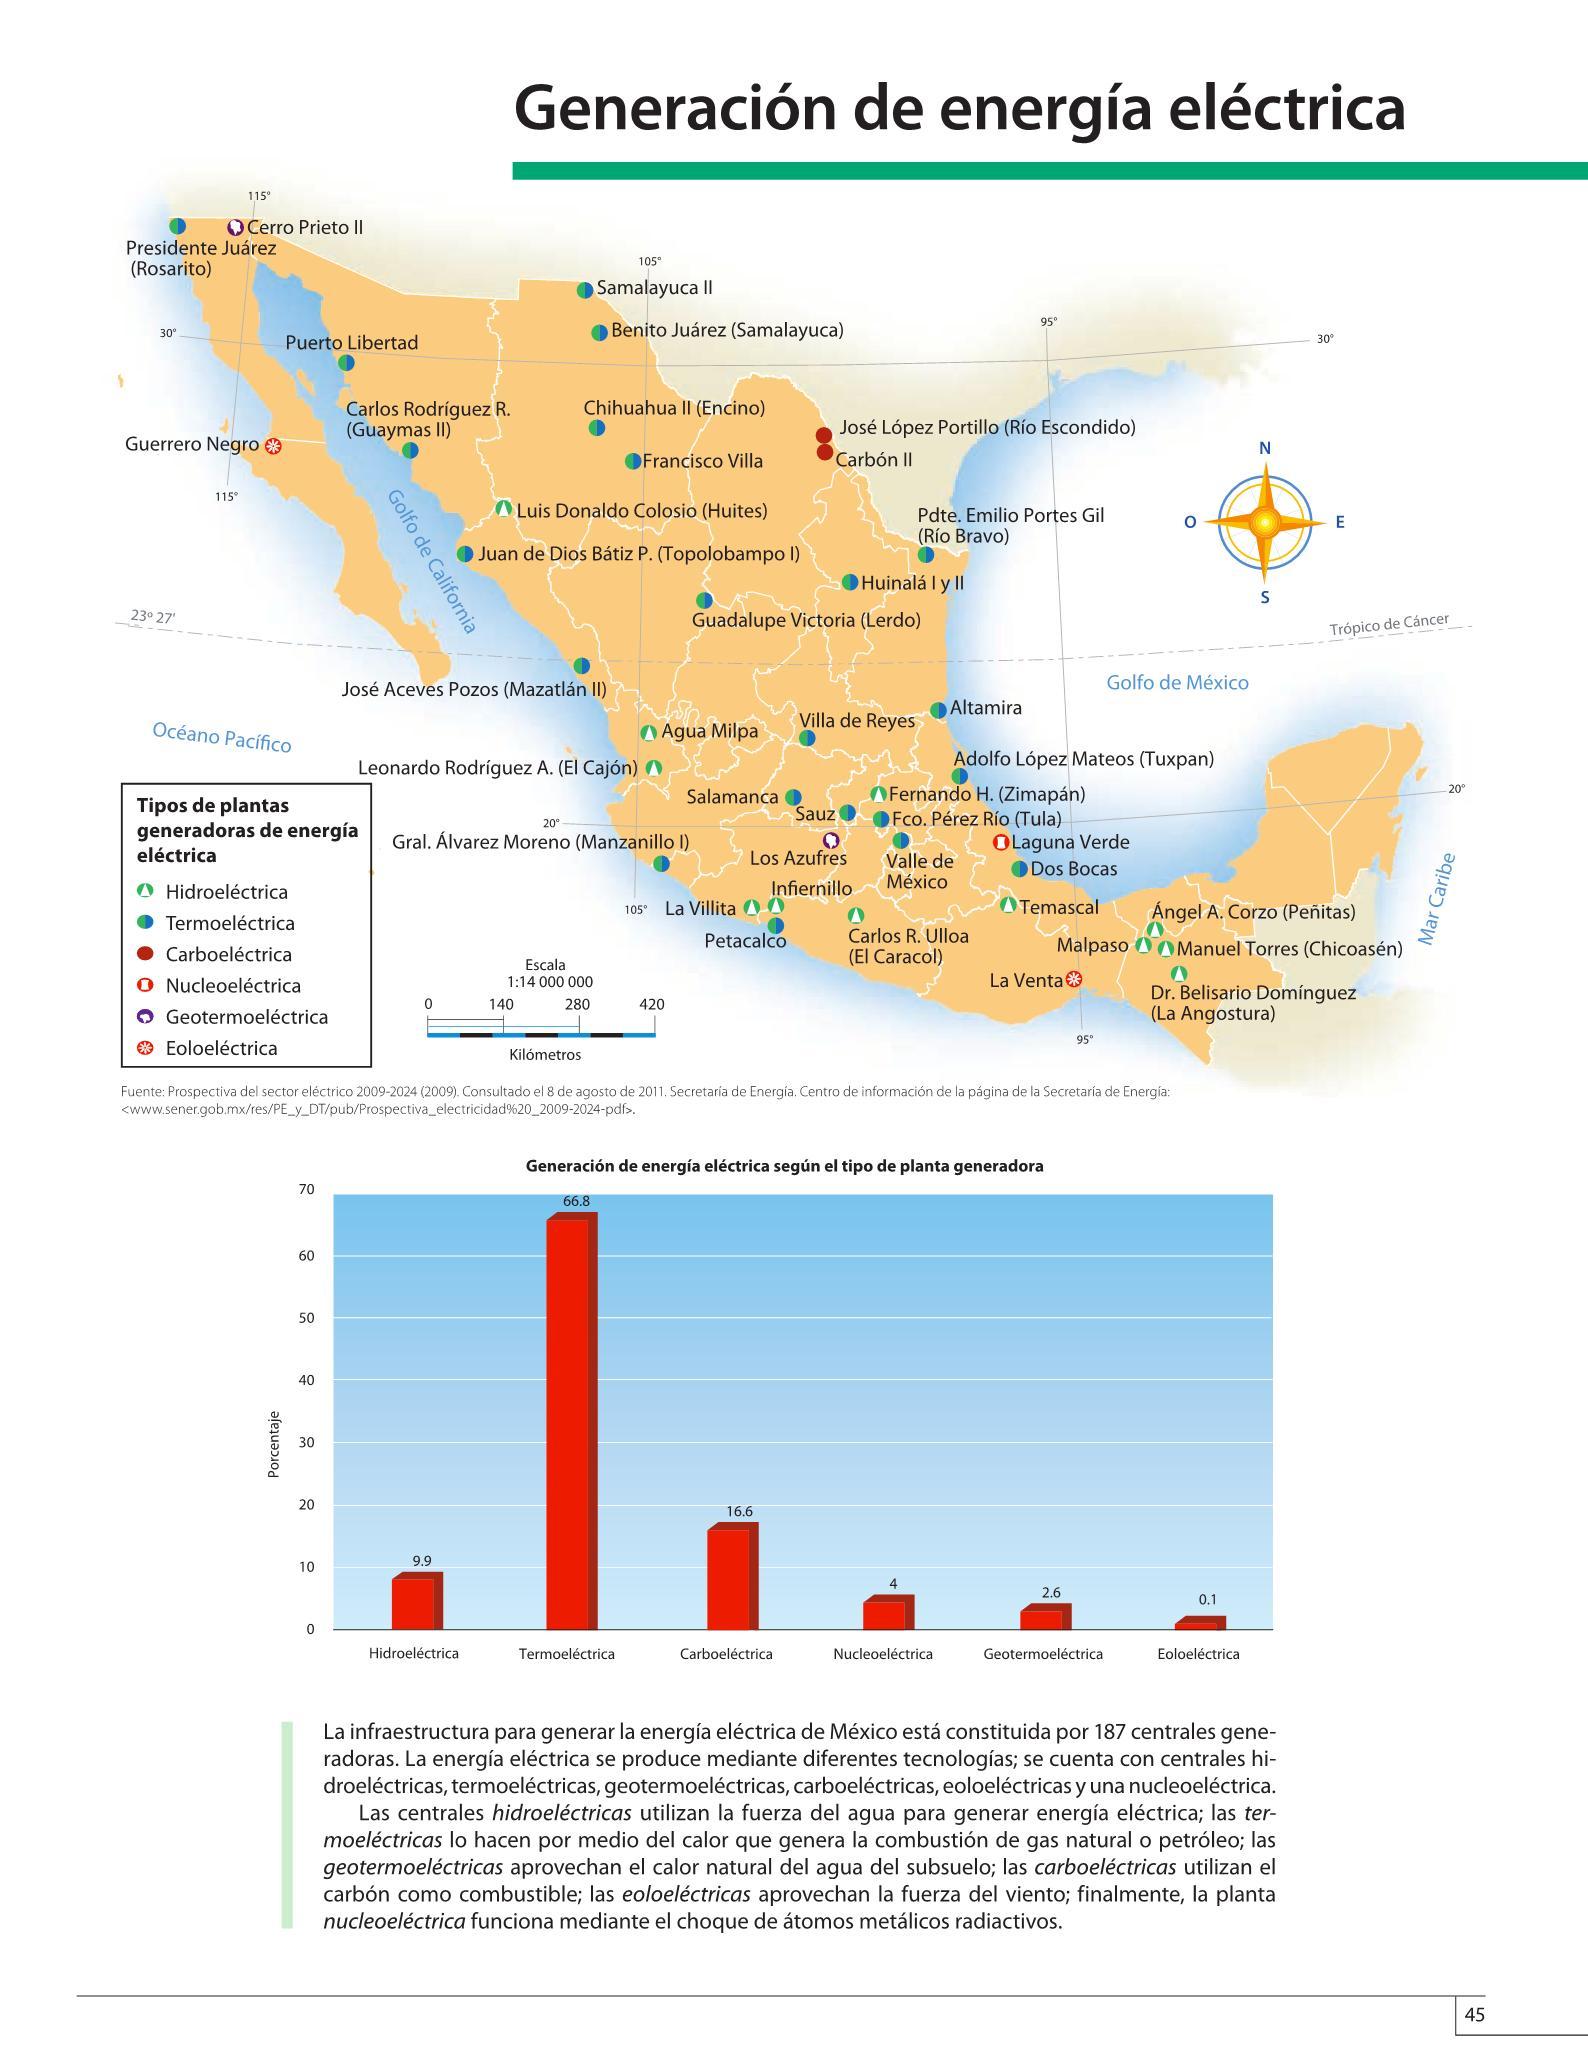 Descargar pdf atlas de geografía quinto grado 2019 2020. Atlas De Mexico Cuarto Grado 2016 2017 Online Pagina 45 De 128 Libros De Texto Online